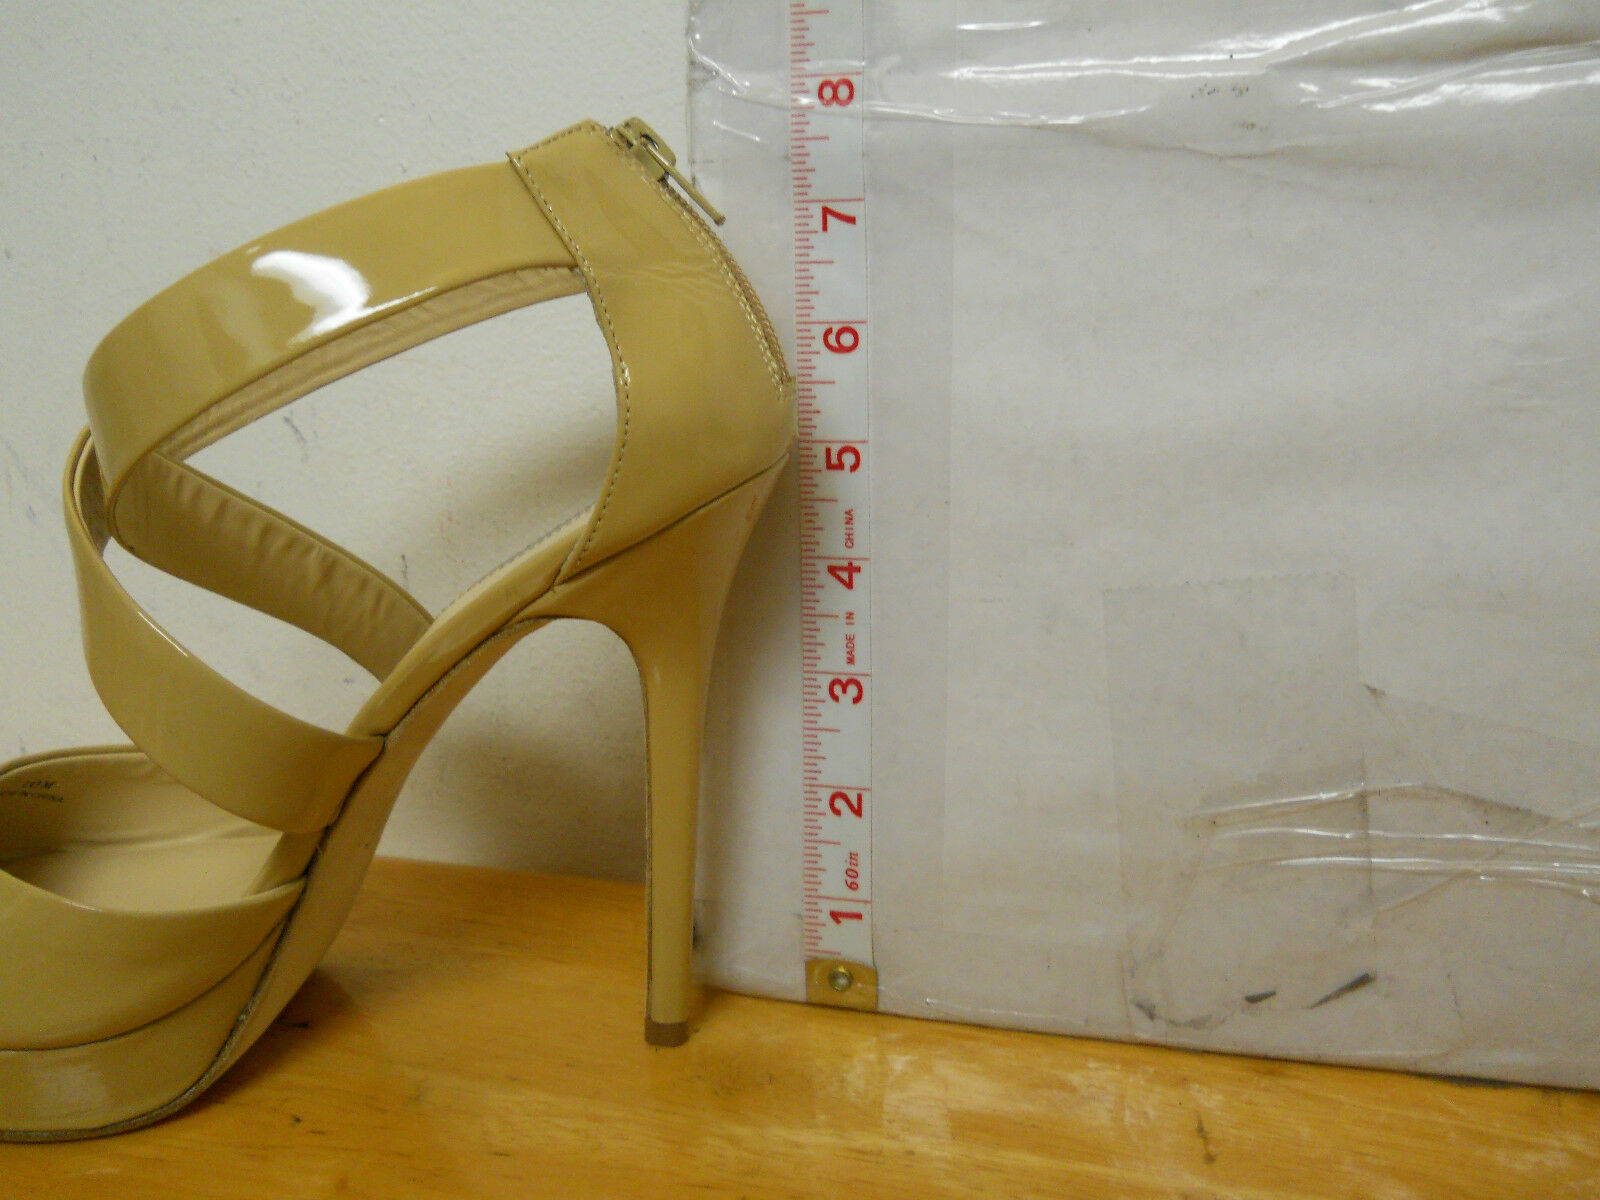 Charles David New Damenschuhe Beige Schuhes Stiletto Heels 10 M Schuhes Beige NWOB 6c6961